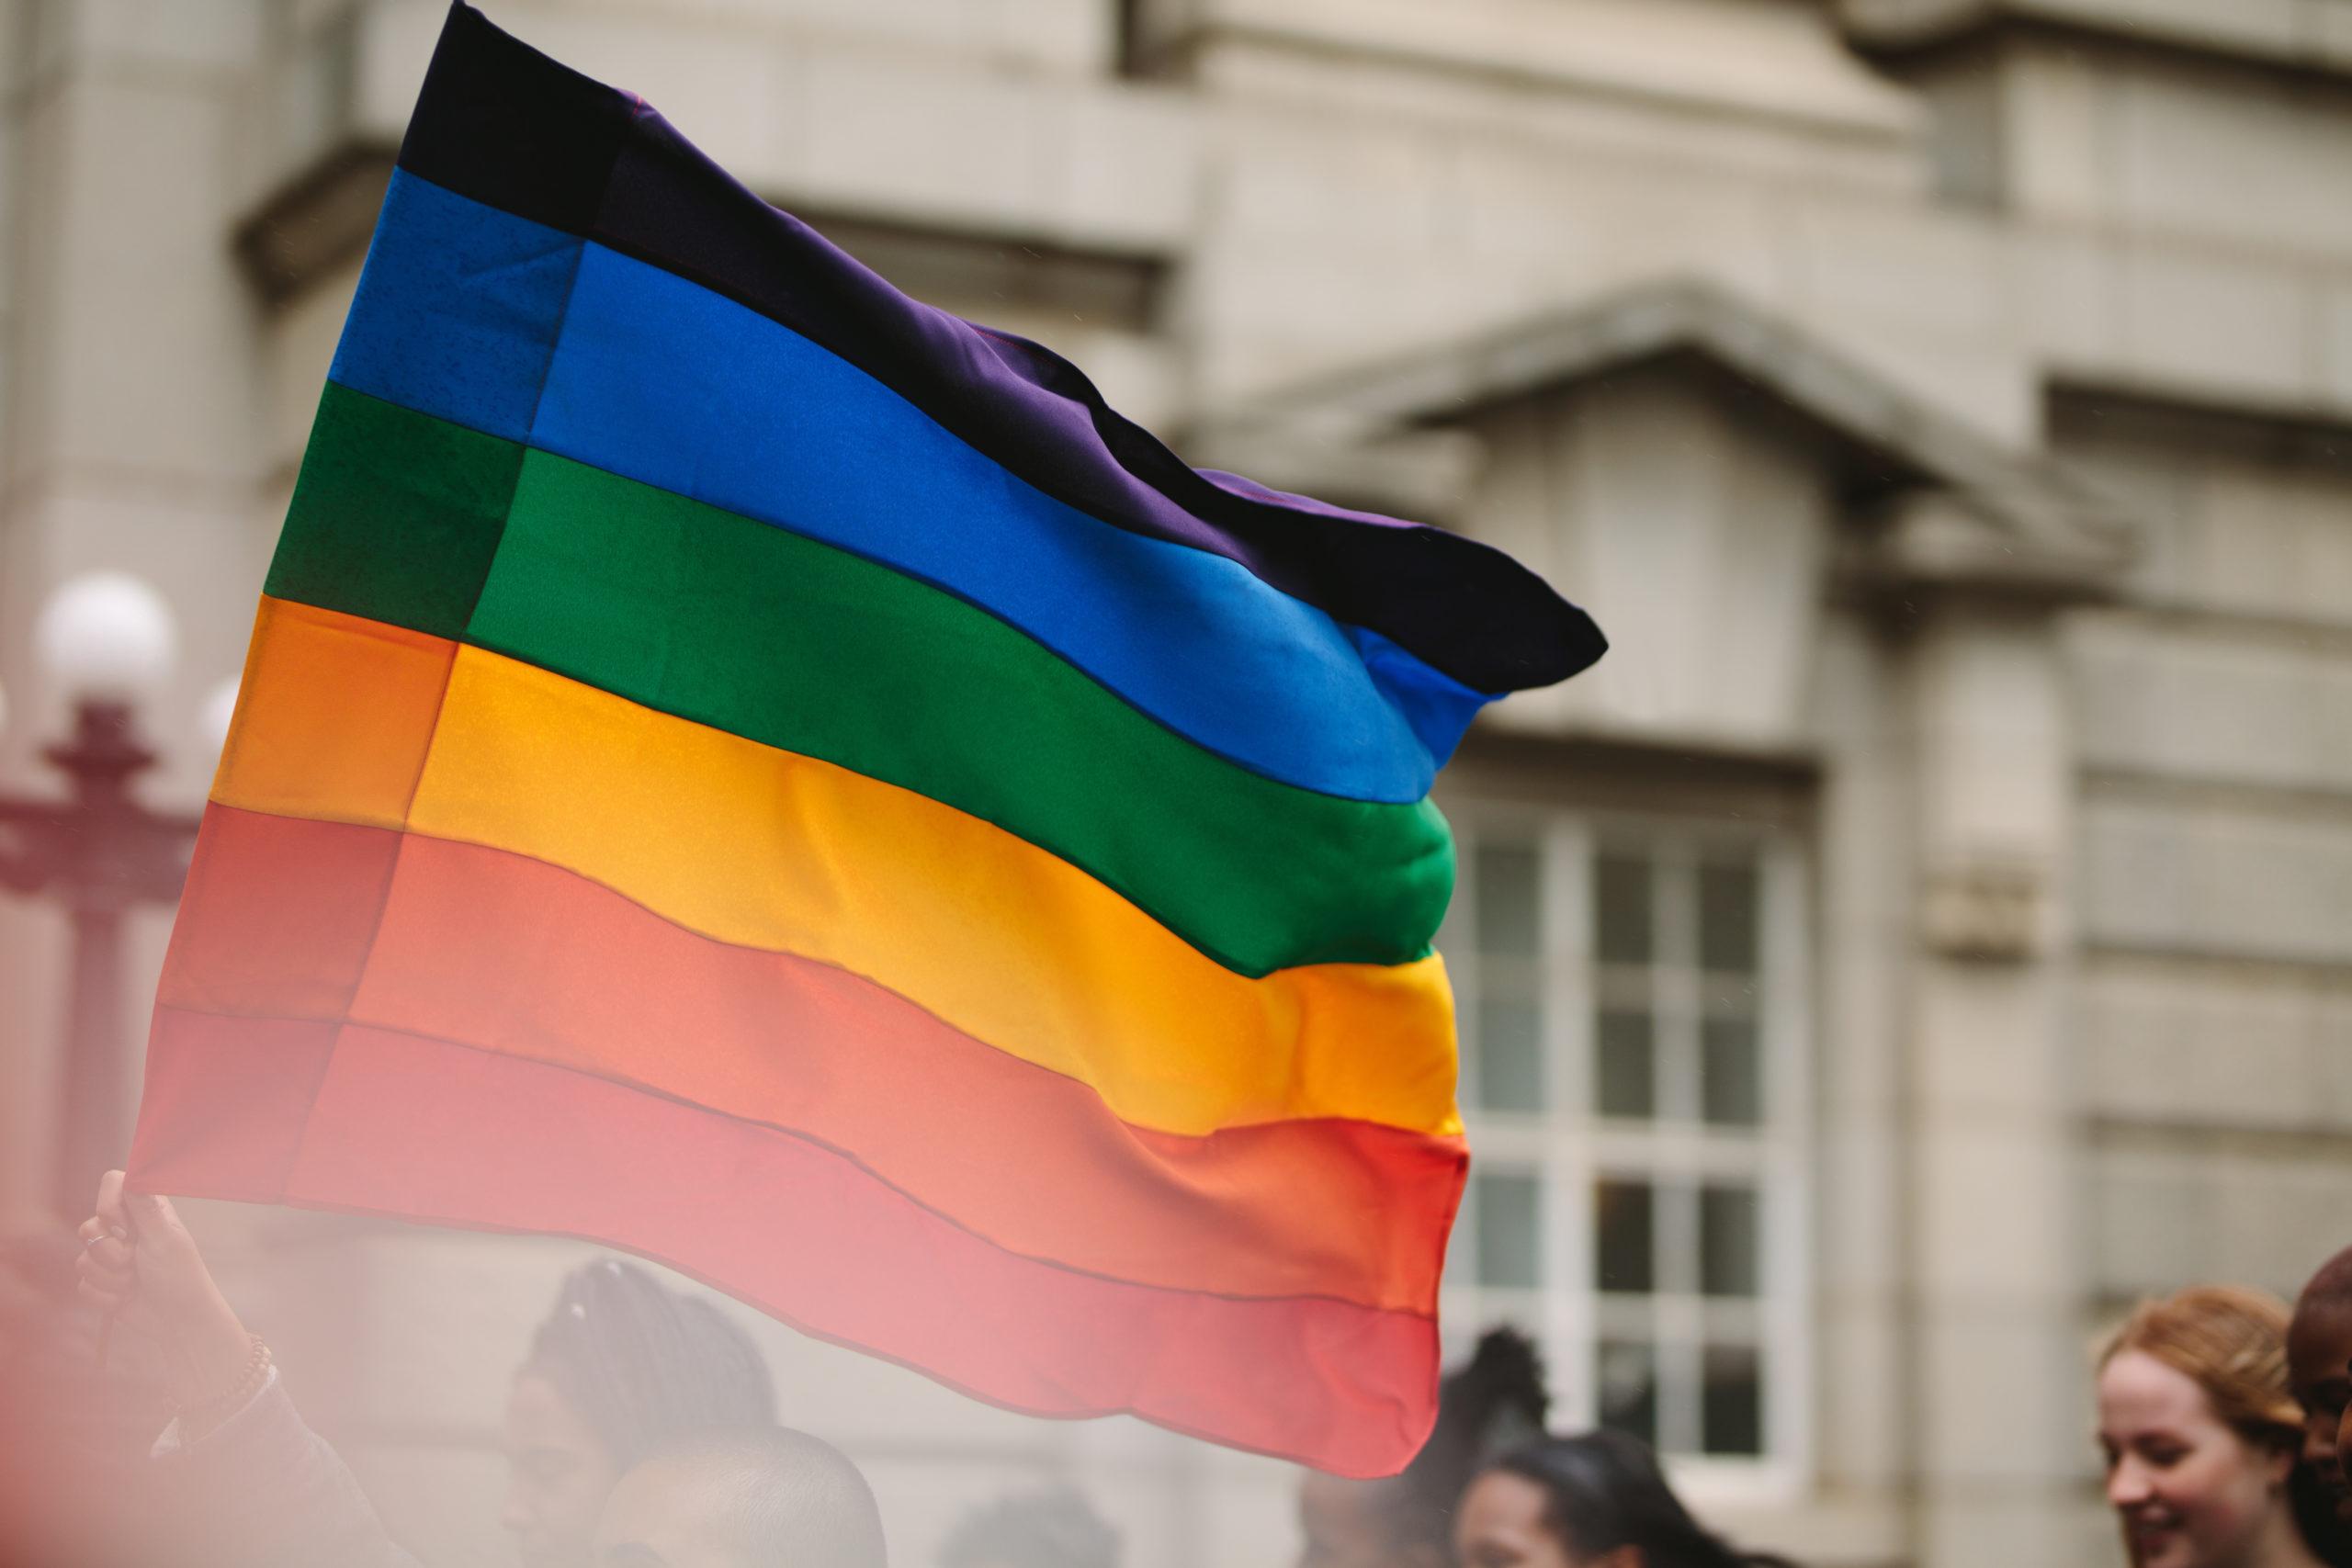 GERDAU CRIA BANCO DE TALENTOS PARA COMUNIDADE LGBTI+